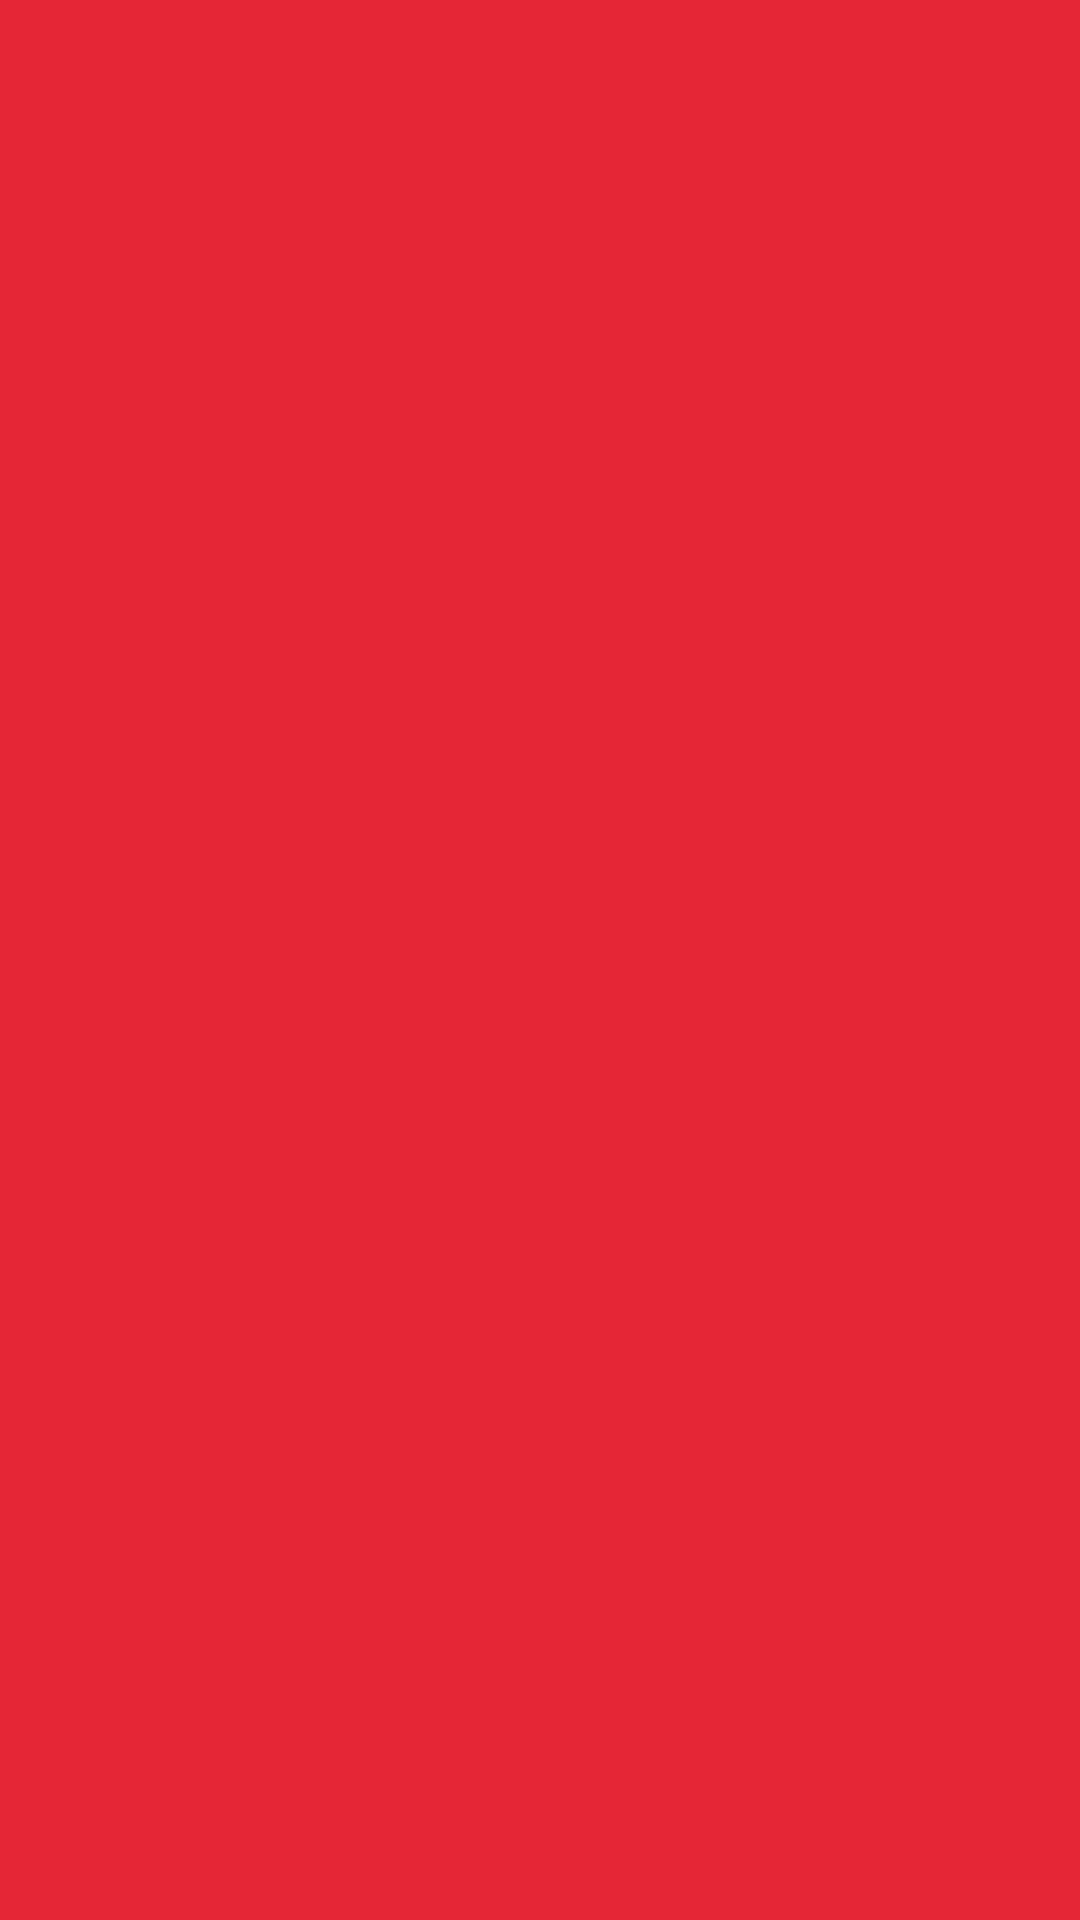 1080x1920 Rose Madder Solid Color Background